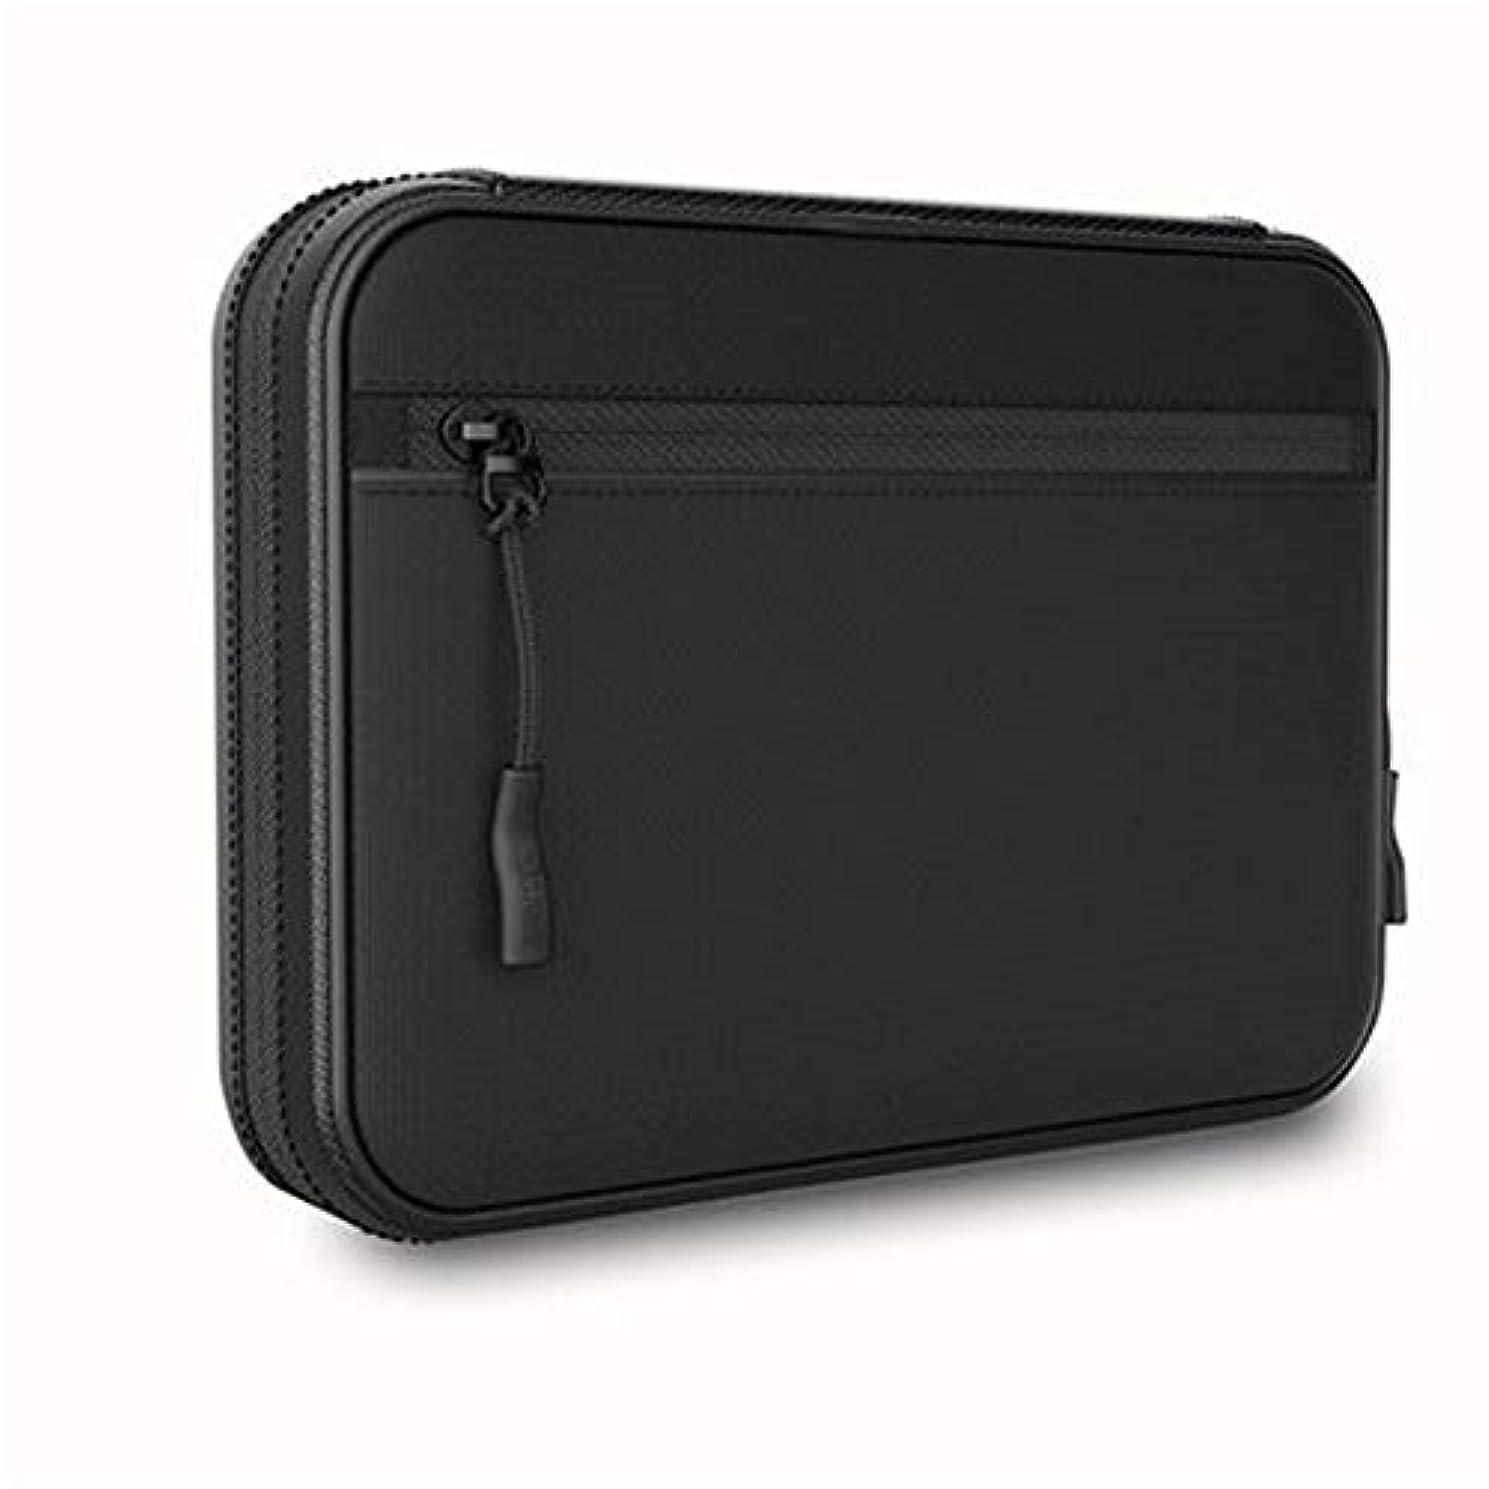 インサートプーノオプション電子アクセサリーオーガナイザーバッグ、電源アダプターケースストレージ、充電アダプター、磁気メモリカード、USBケーブル、コイン、その他の小さなアクセサリーを保持できます。持ち運びが簡単です。